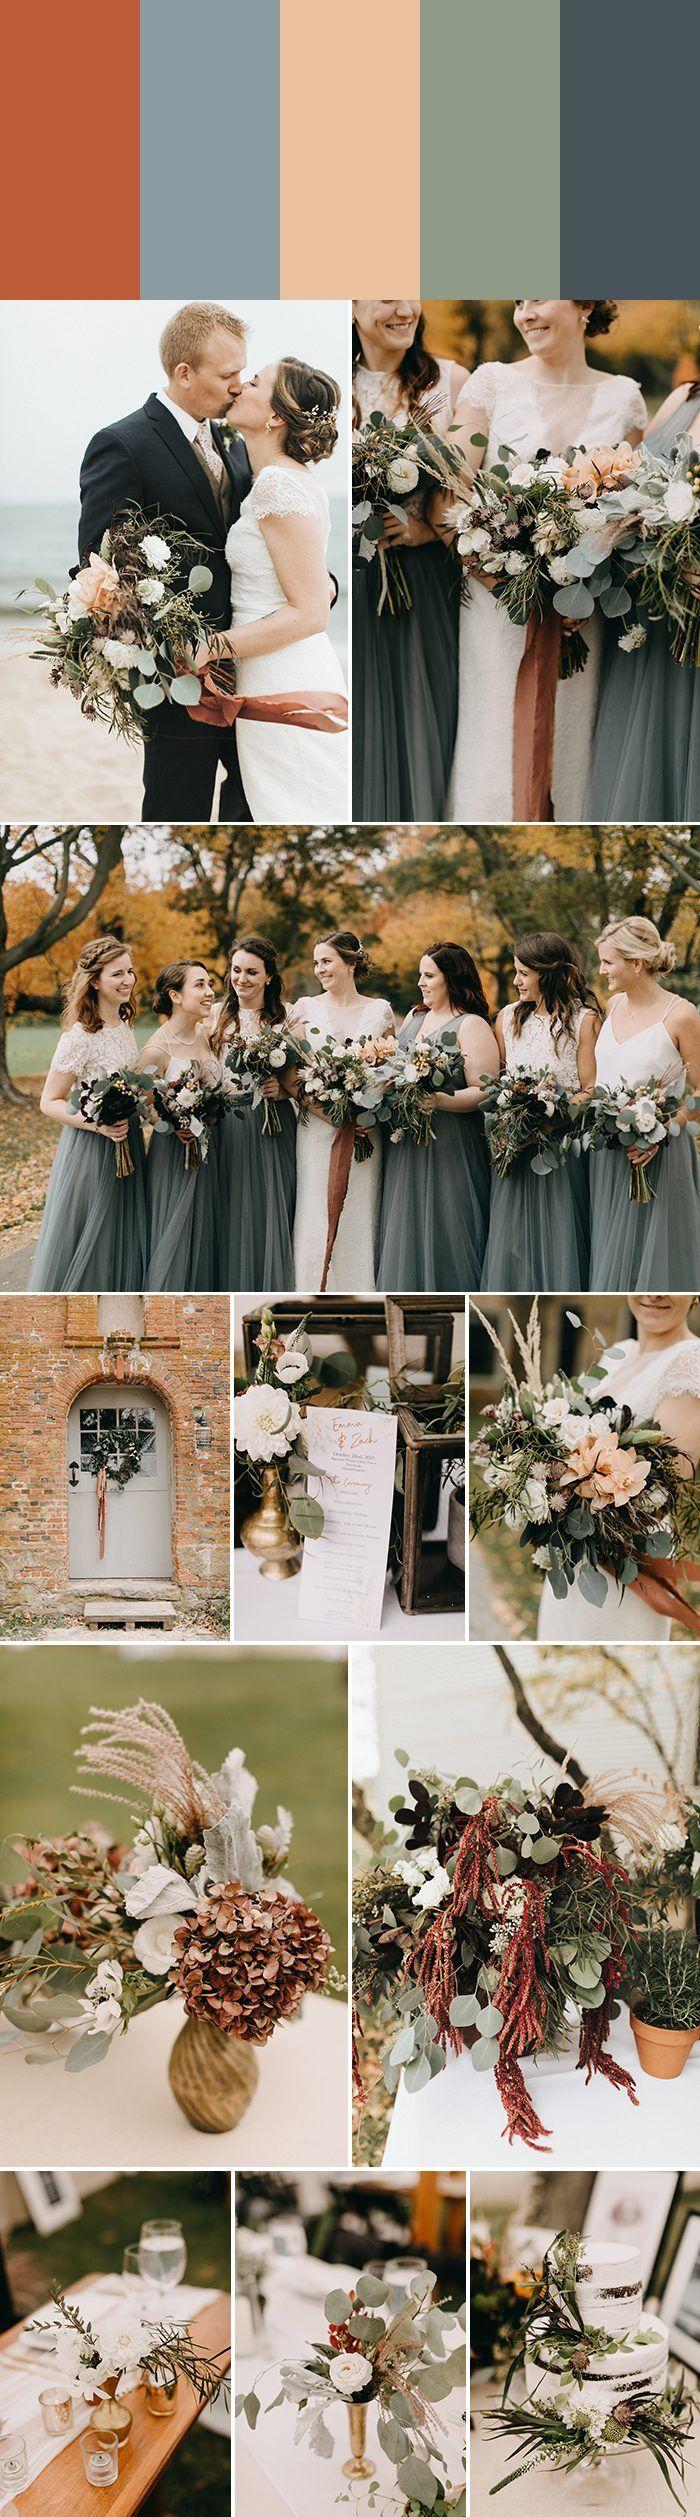 Viking wedding decorations october 2018  best wedding coloursthemes images on Pinterest  Weddings